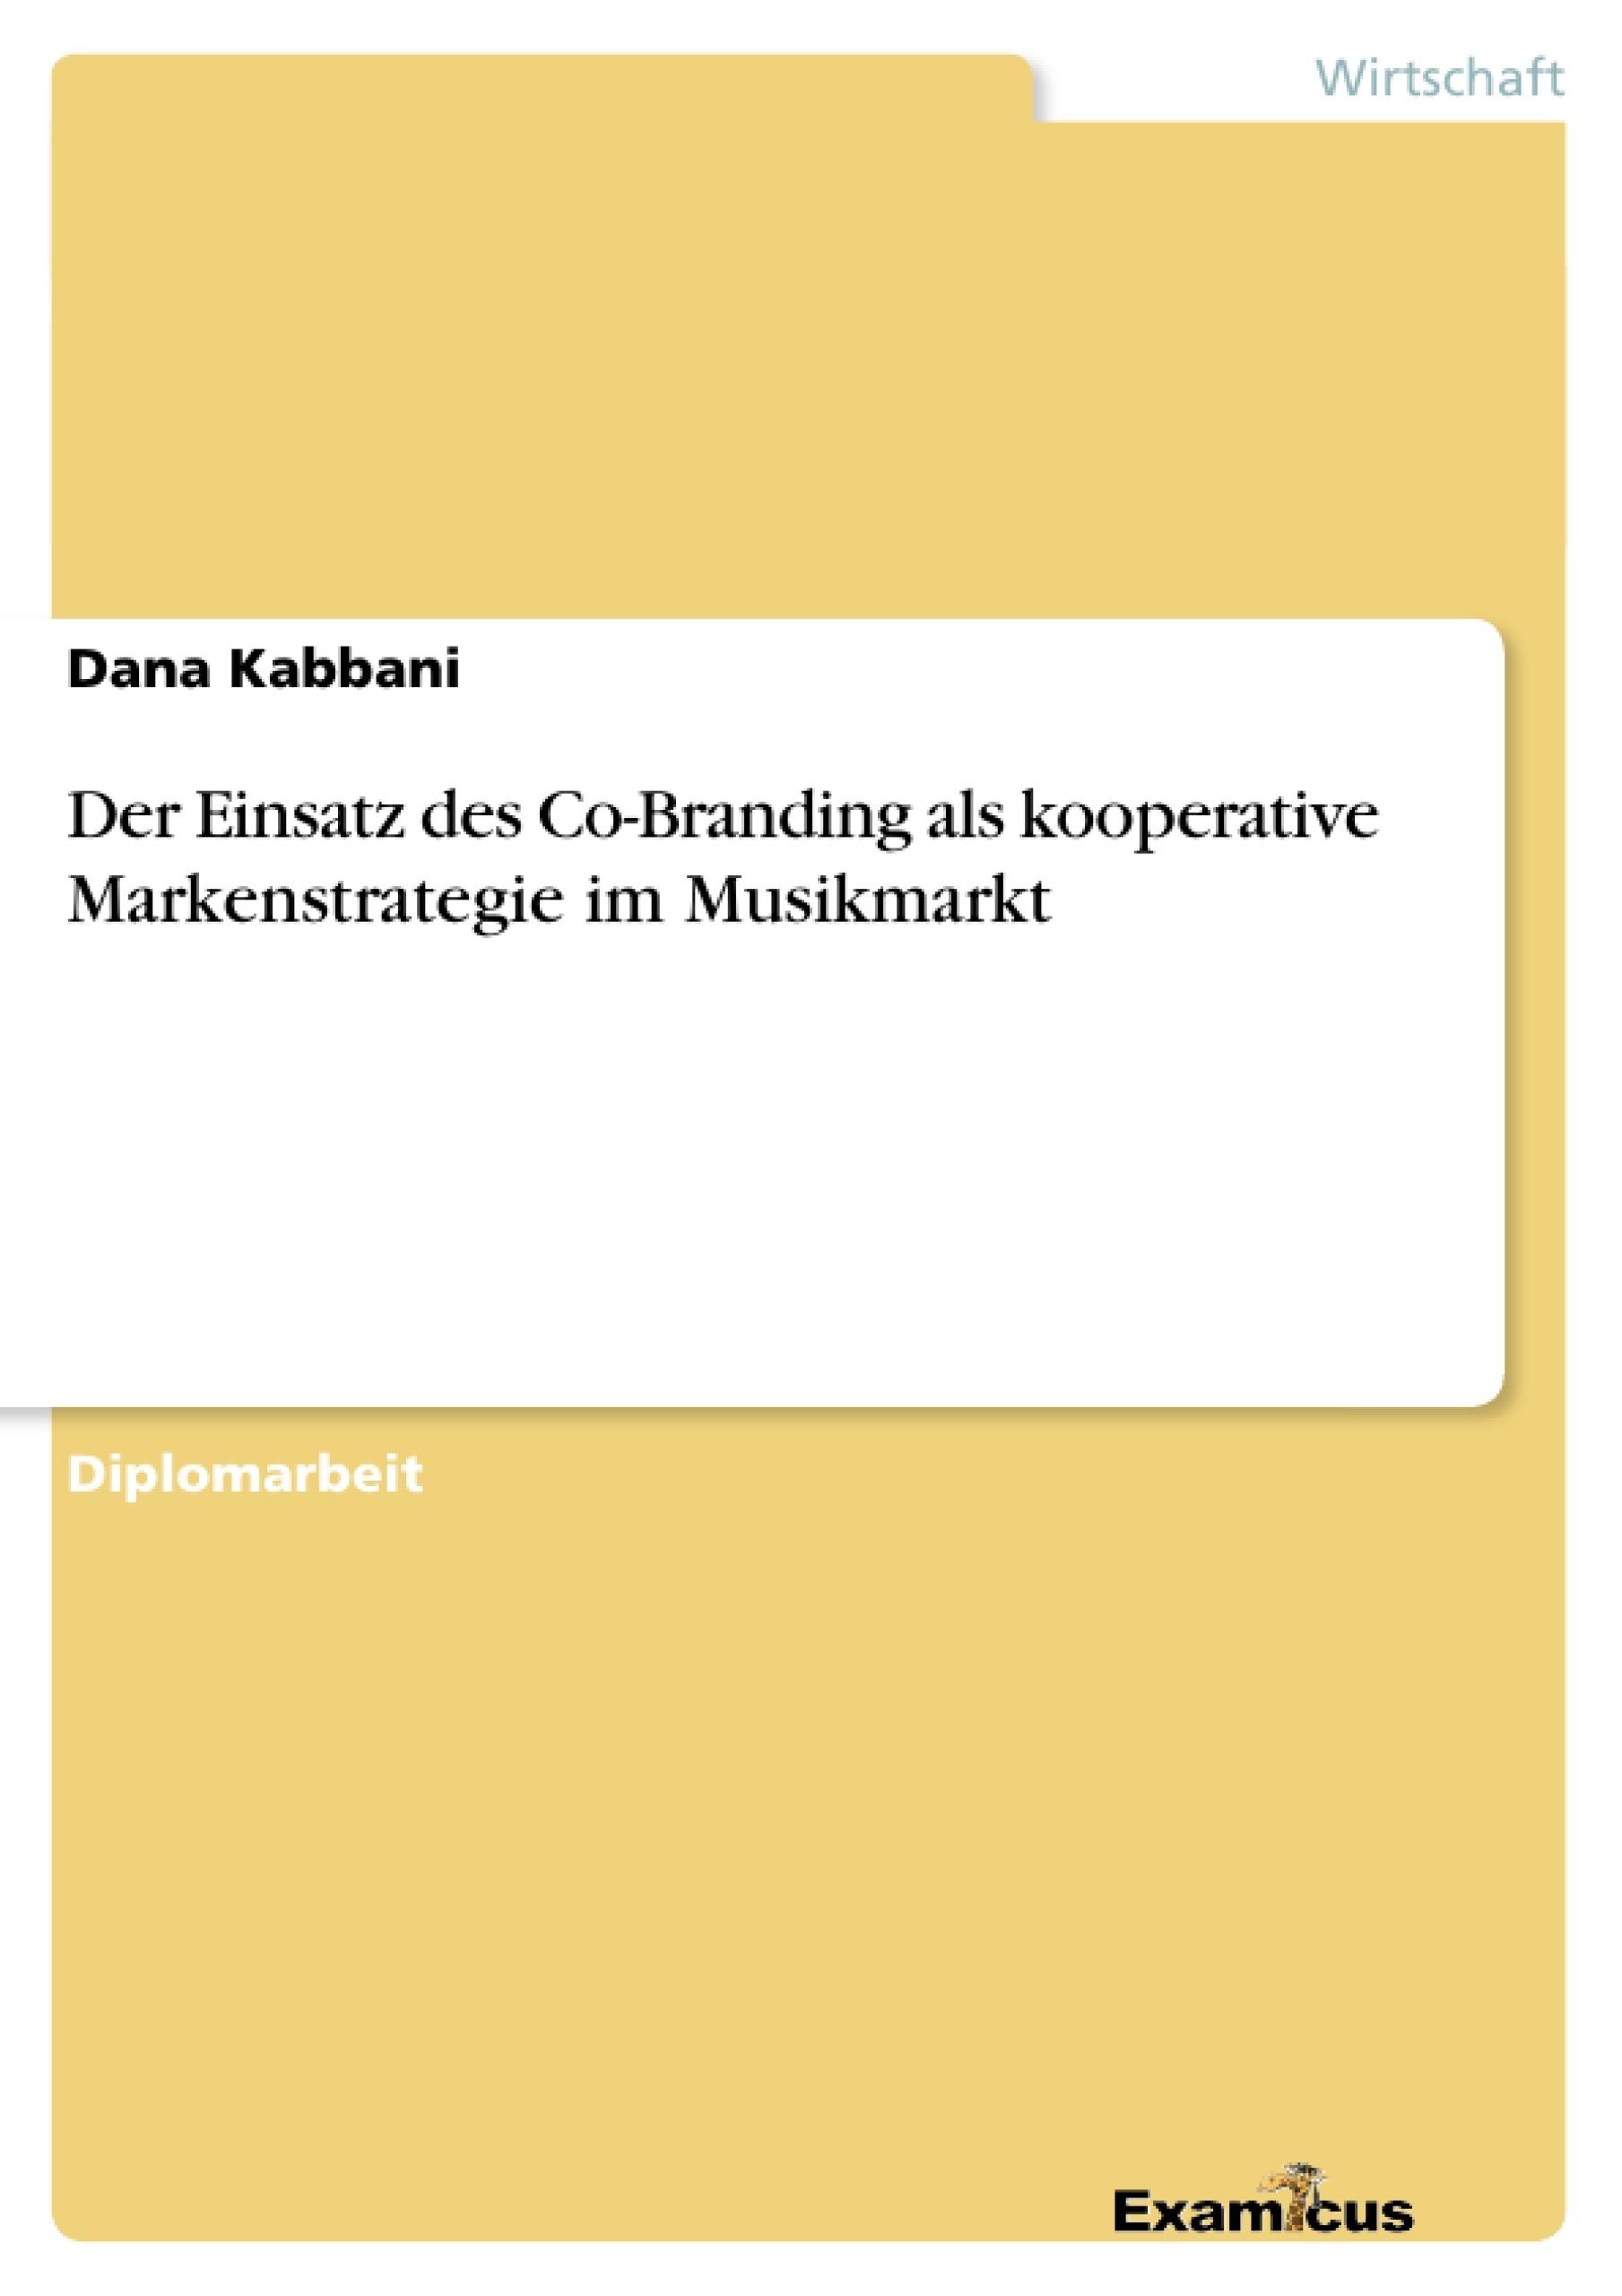 Titel: Der Einsatz des Co-Branding als kooperative Markenstrategie im Musikmarkt